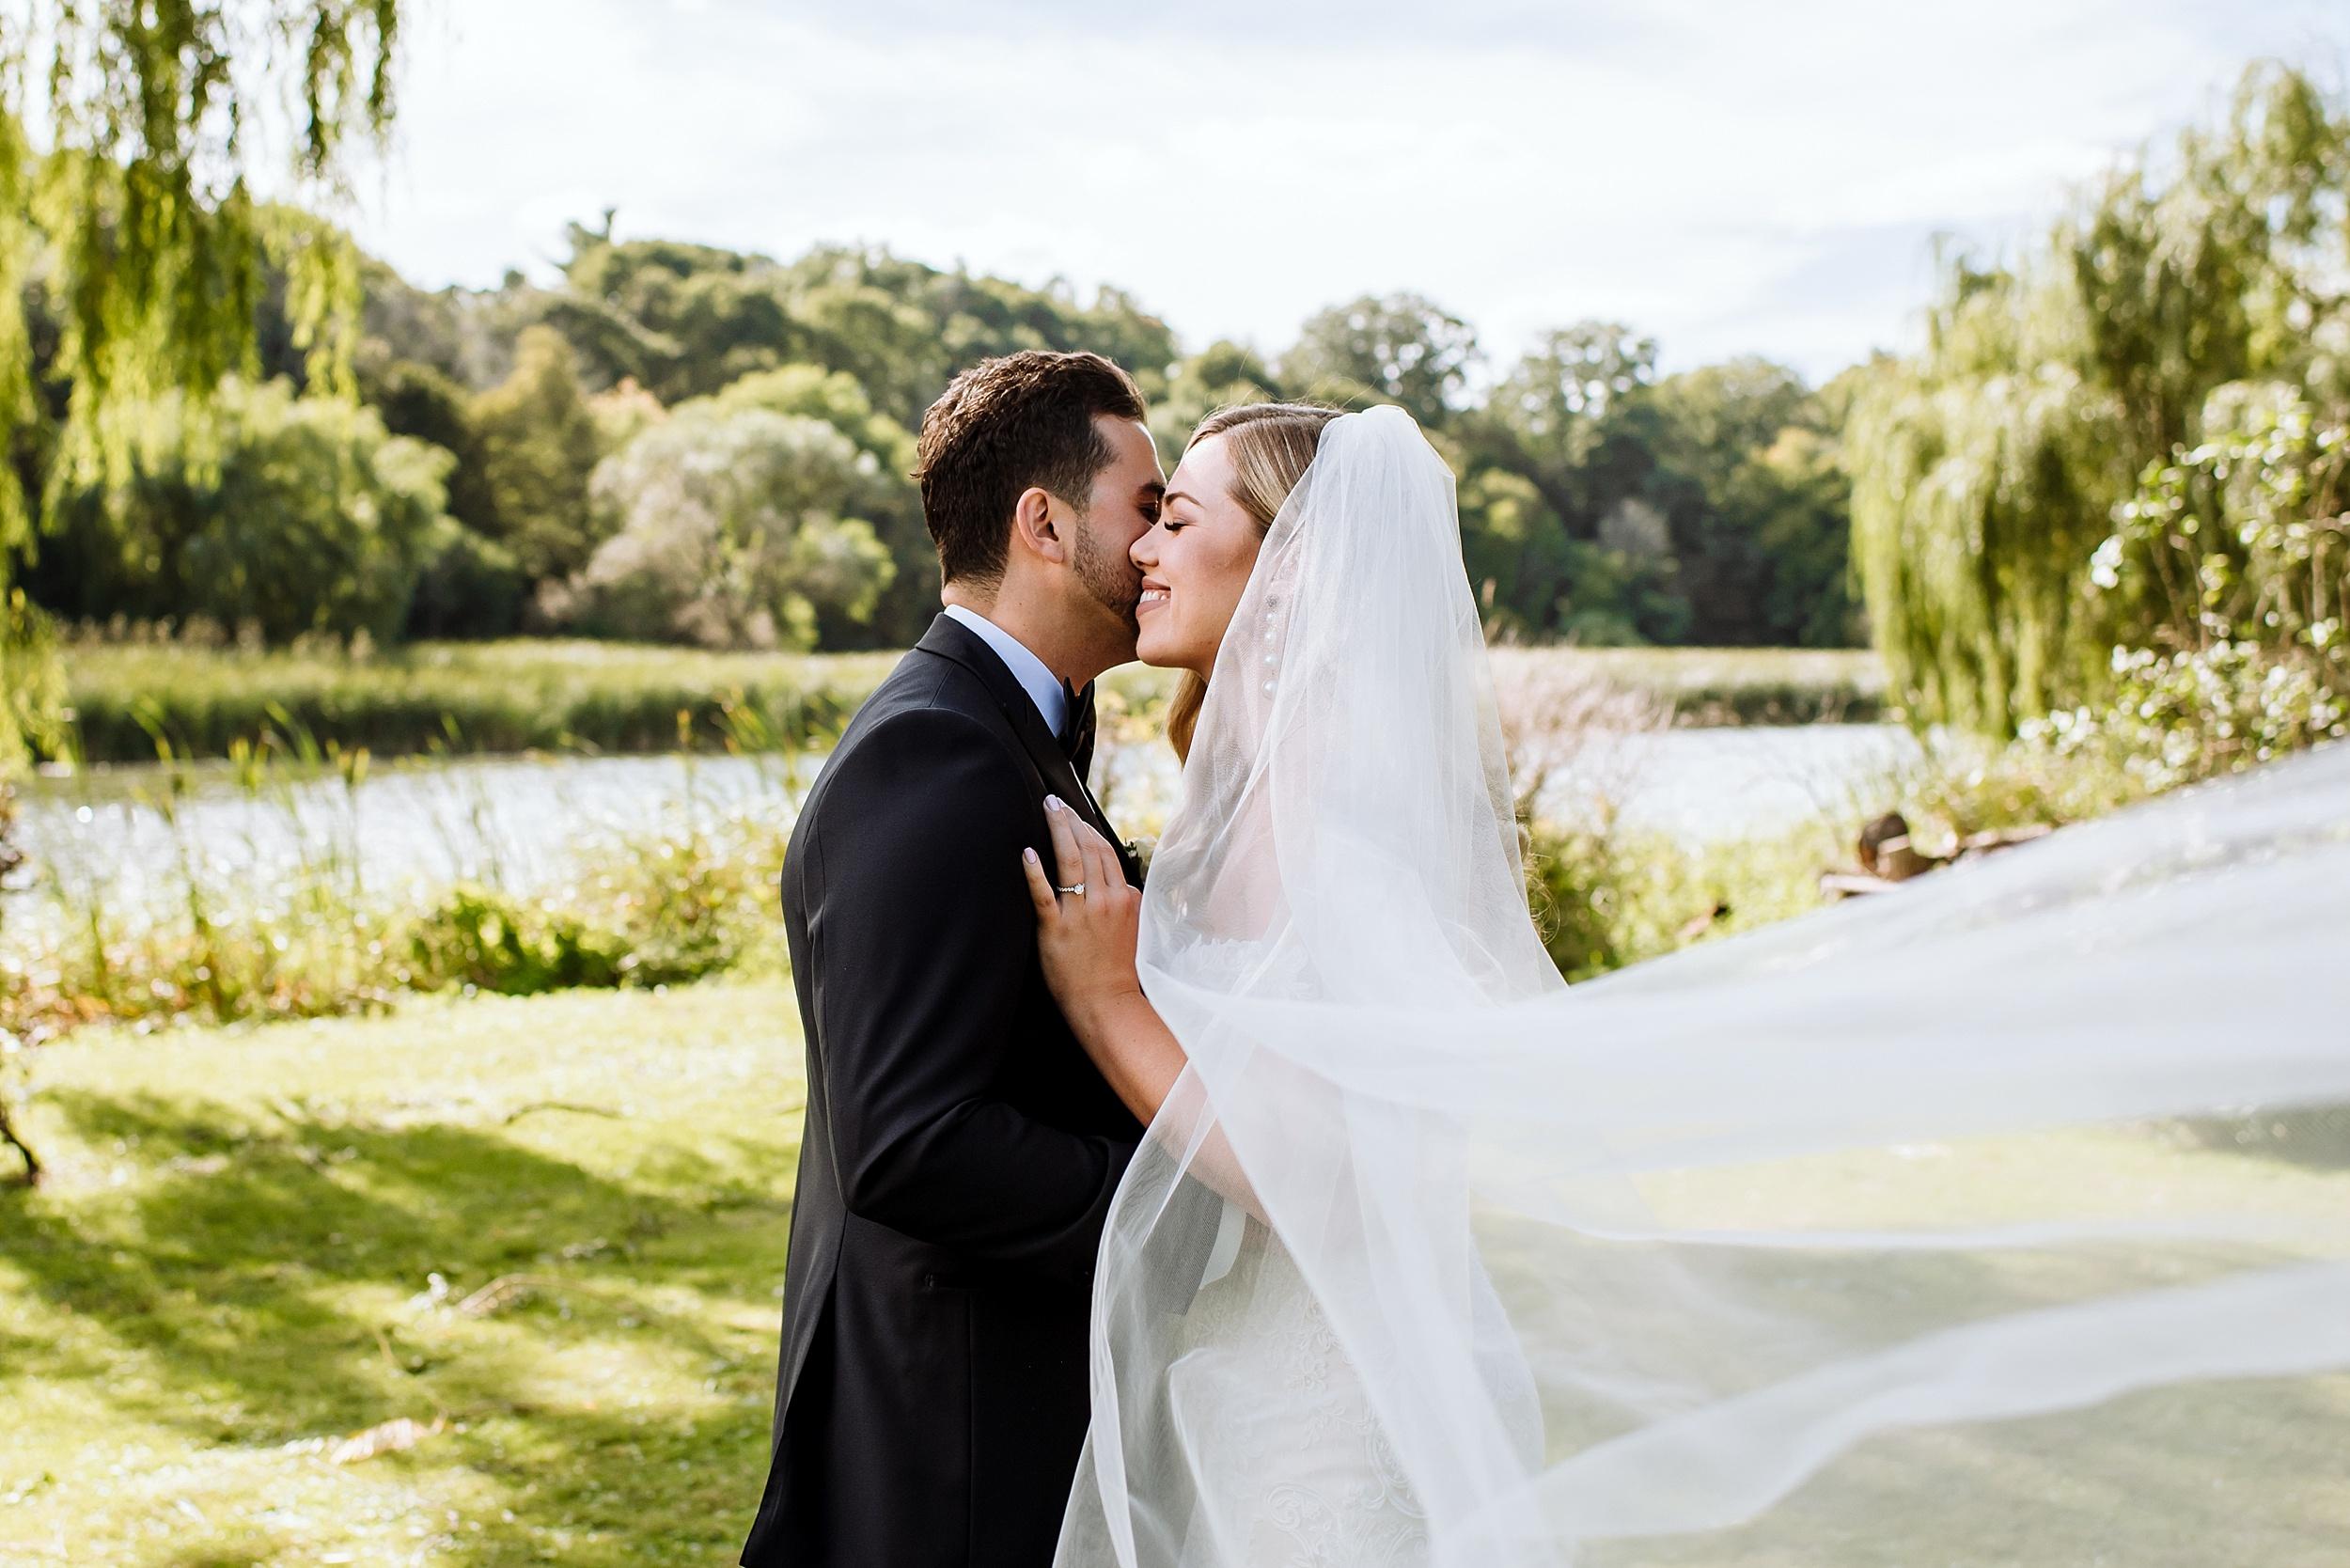 Rustic_Backyard_Wedding_Toronto_Photographer052.jpg